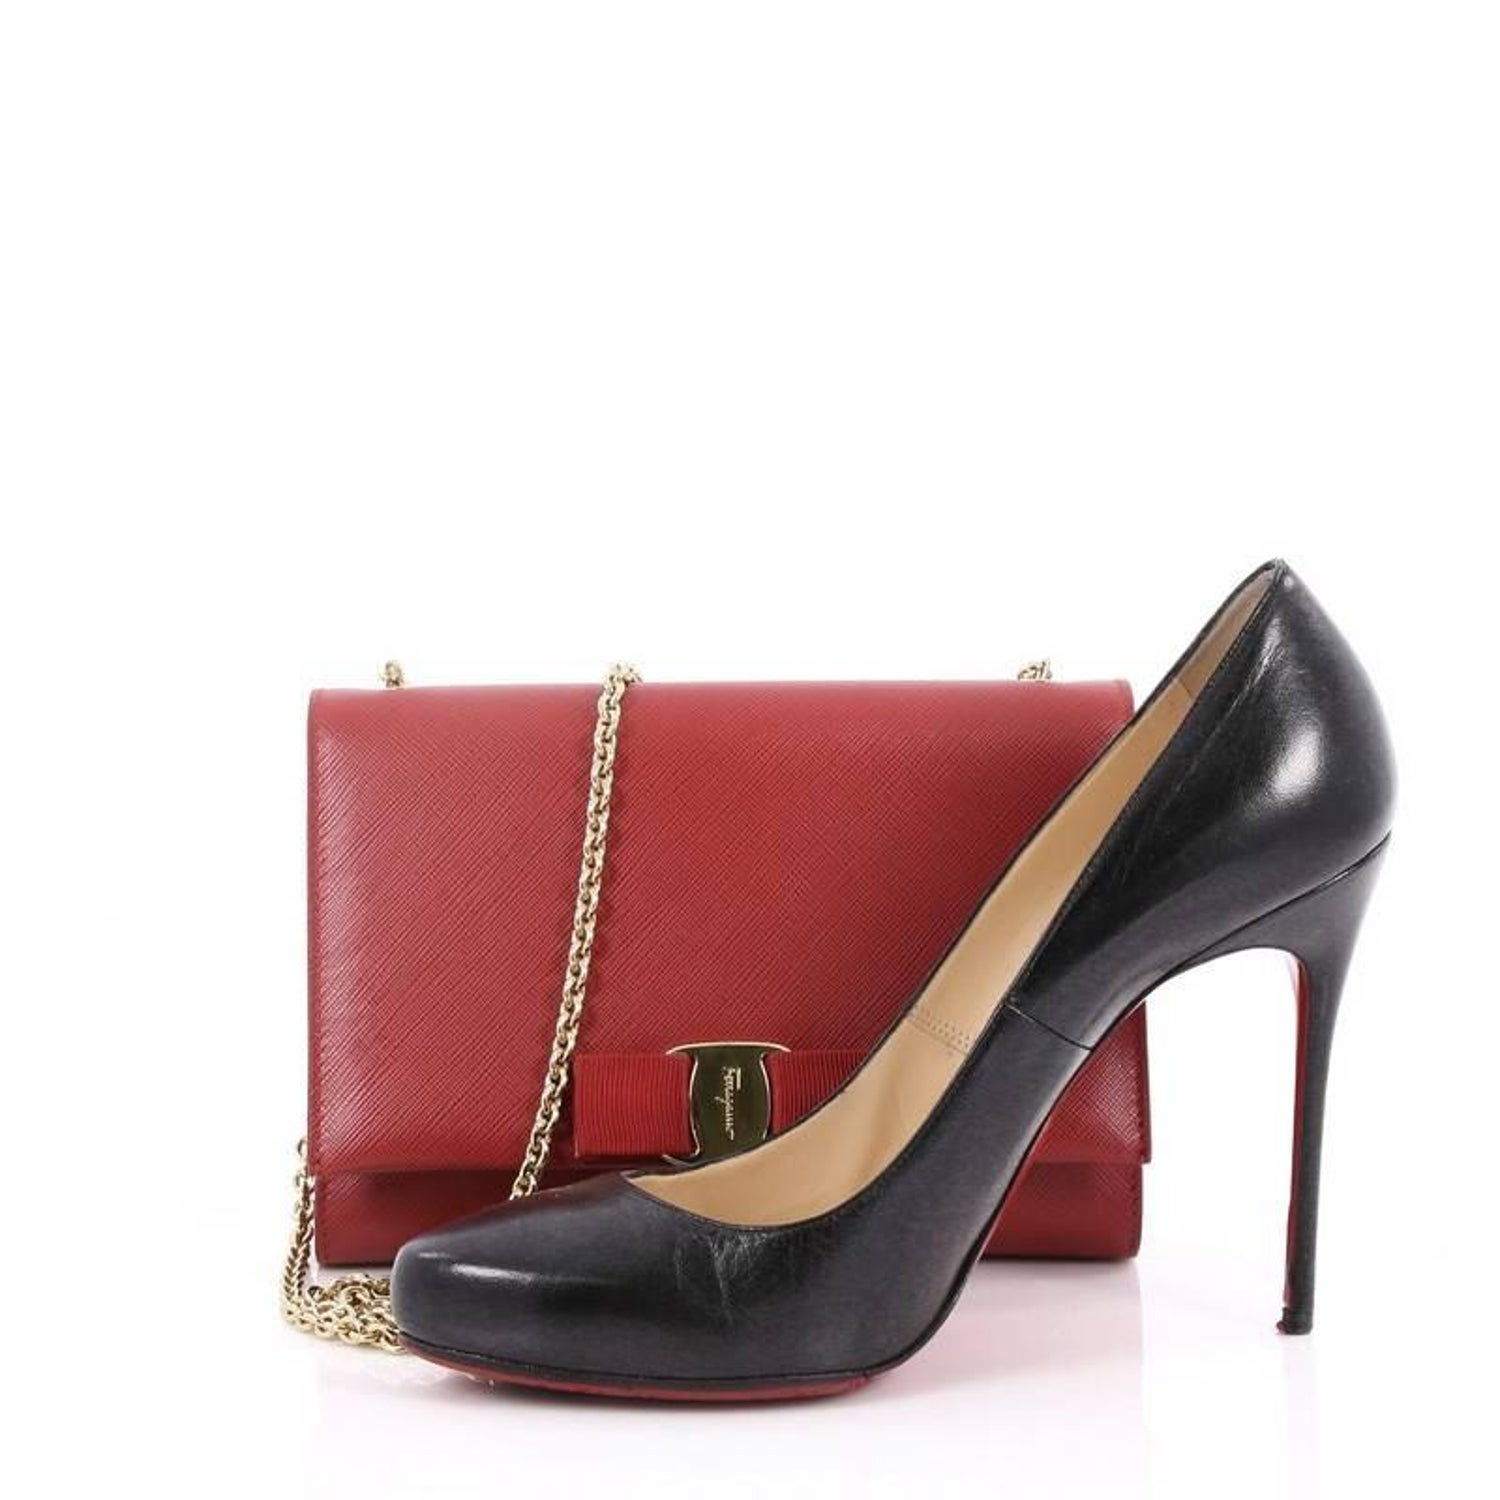 d3b9da535613 Salvatore Ferragamo Ginny Crossbody Bag Saffiano Leather Small at 1stdibs